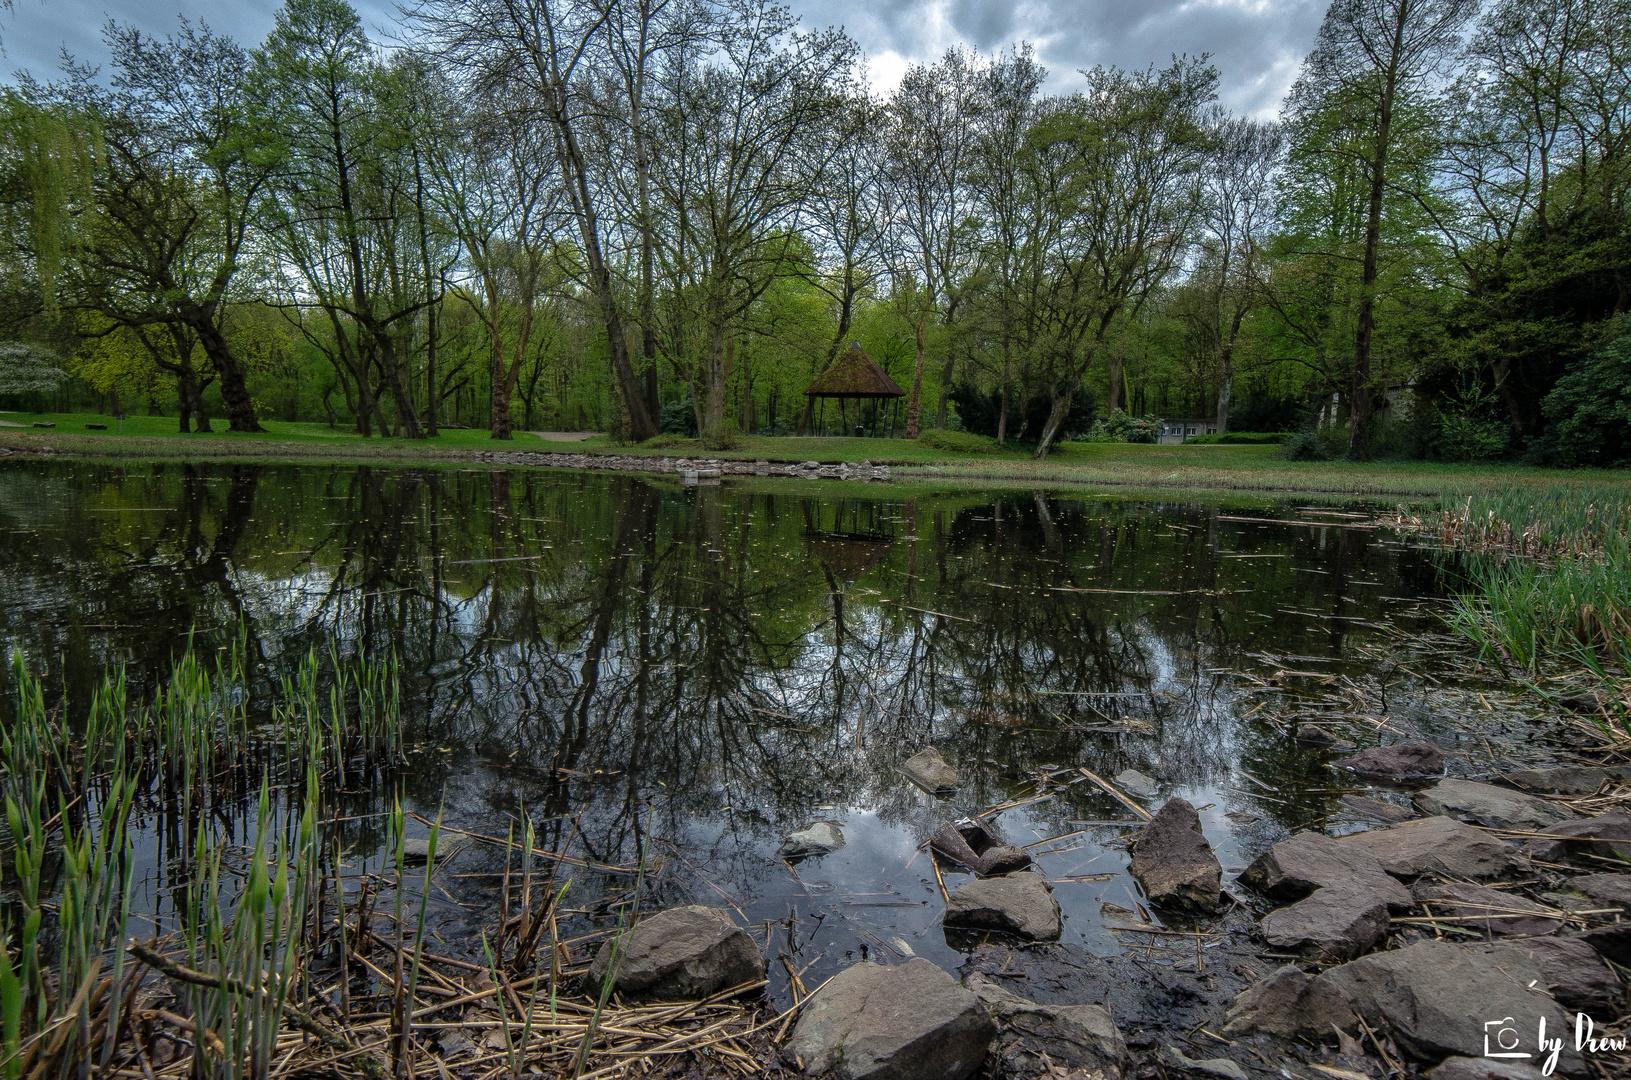 Von Wedelstaedt Park